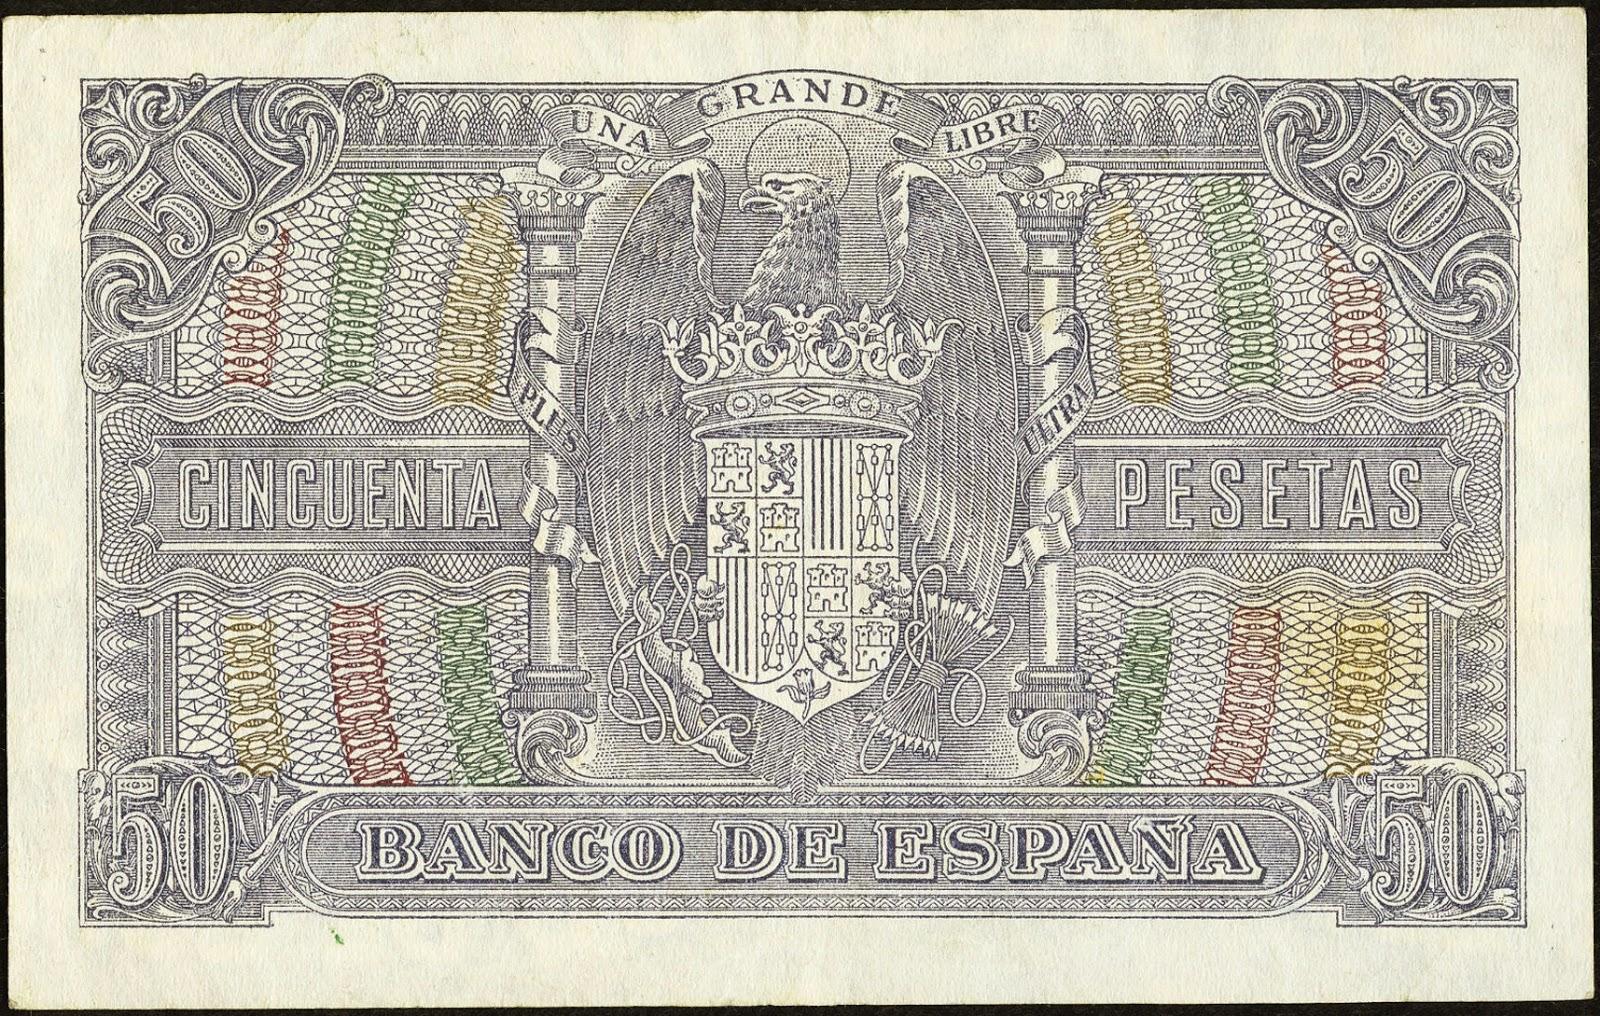 Spain money currency 50 Pesetas banknote 1940 Coat of arms of Spain